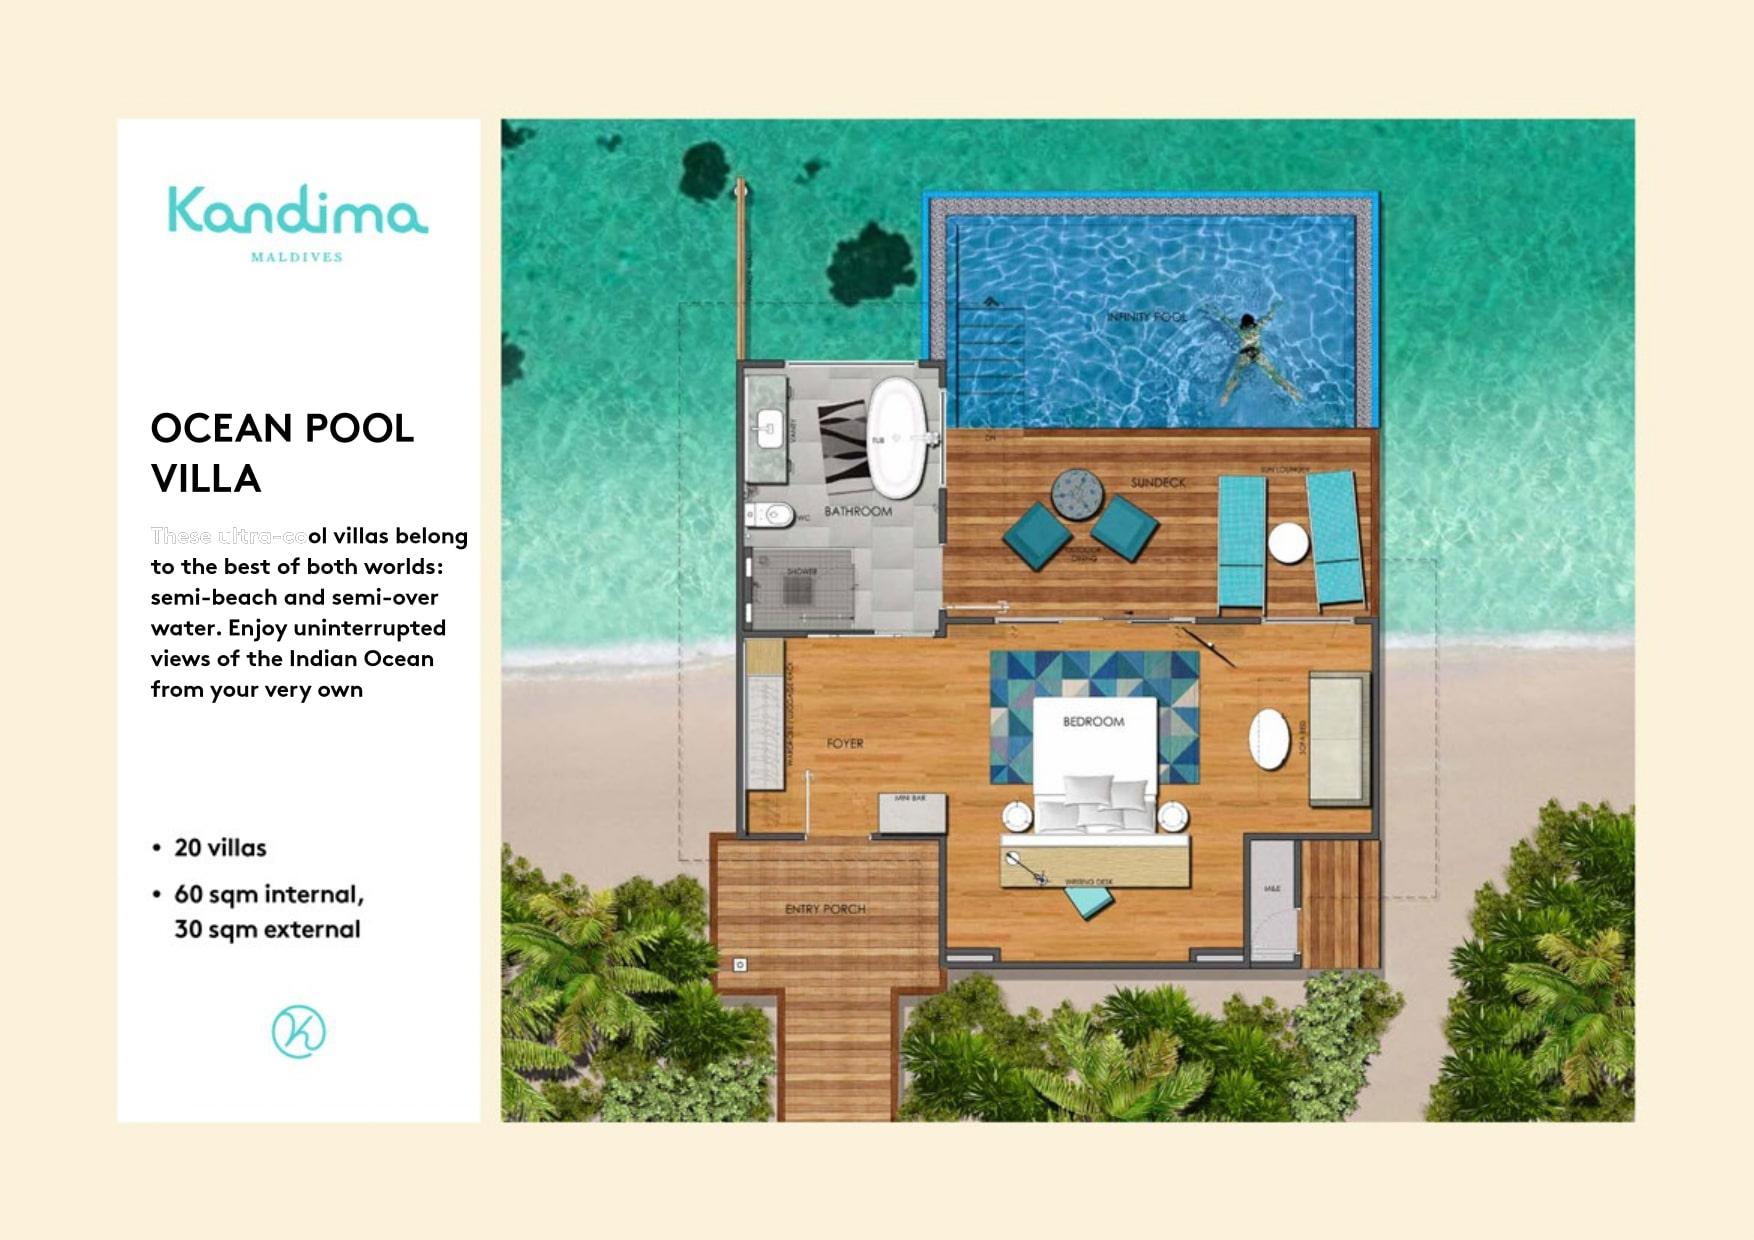 Мальдивы, отель Kandima Maldives, план-схема номера Ocean Pool Villa